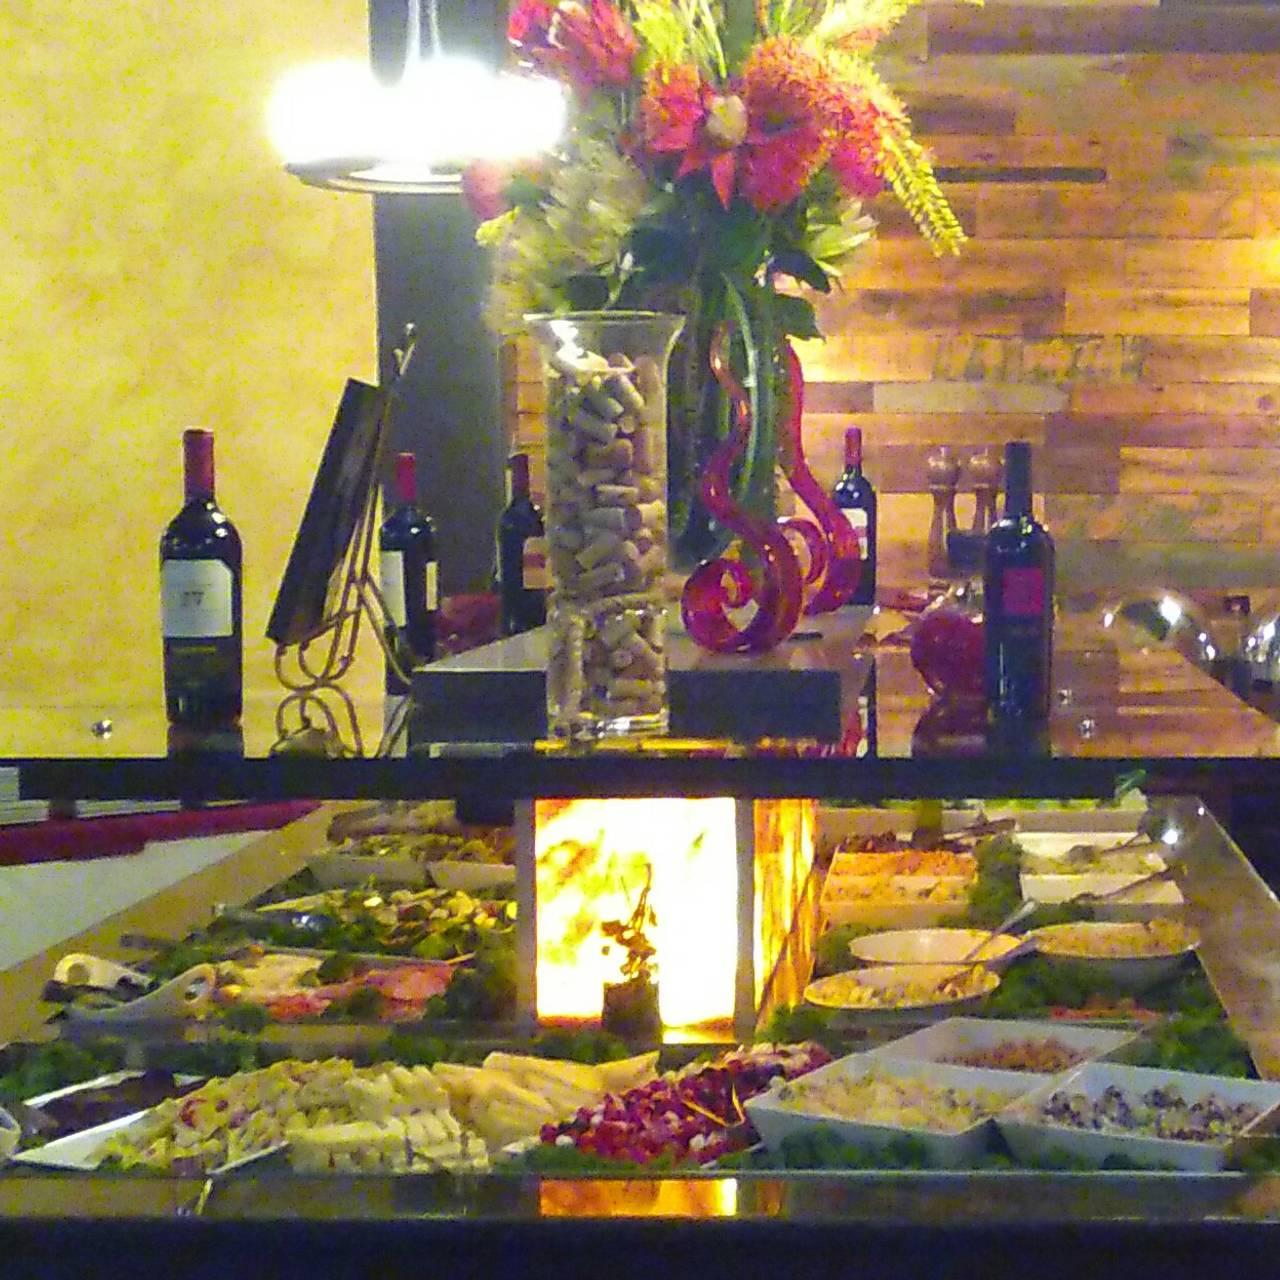 Flame Fire Brazilian Steakhouse Restaurant Roseville Ca Opentable